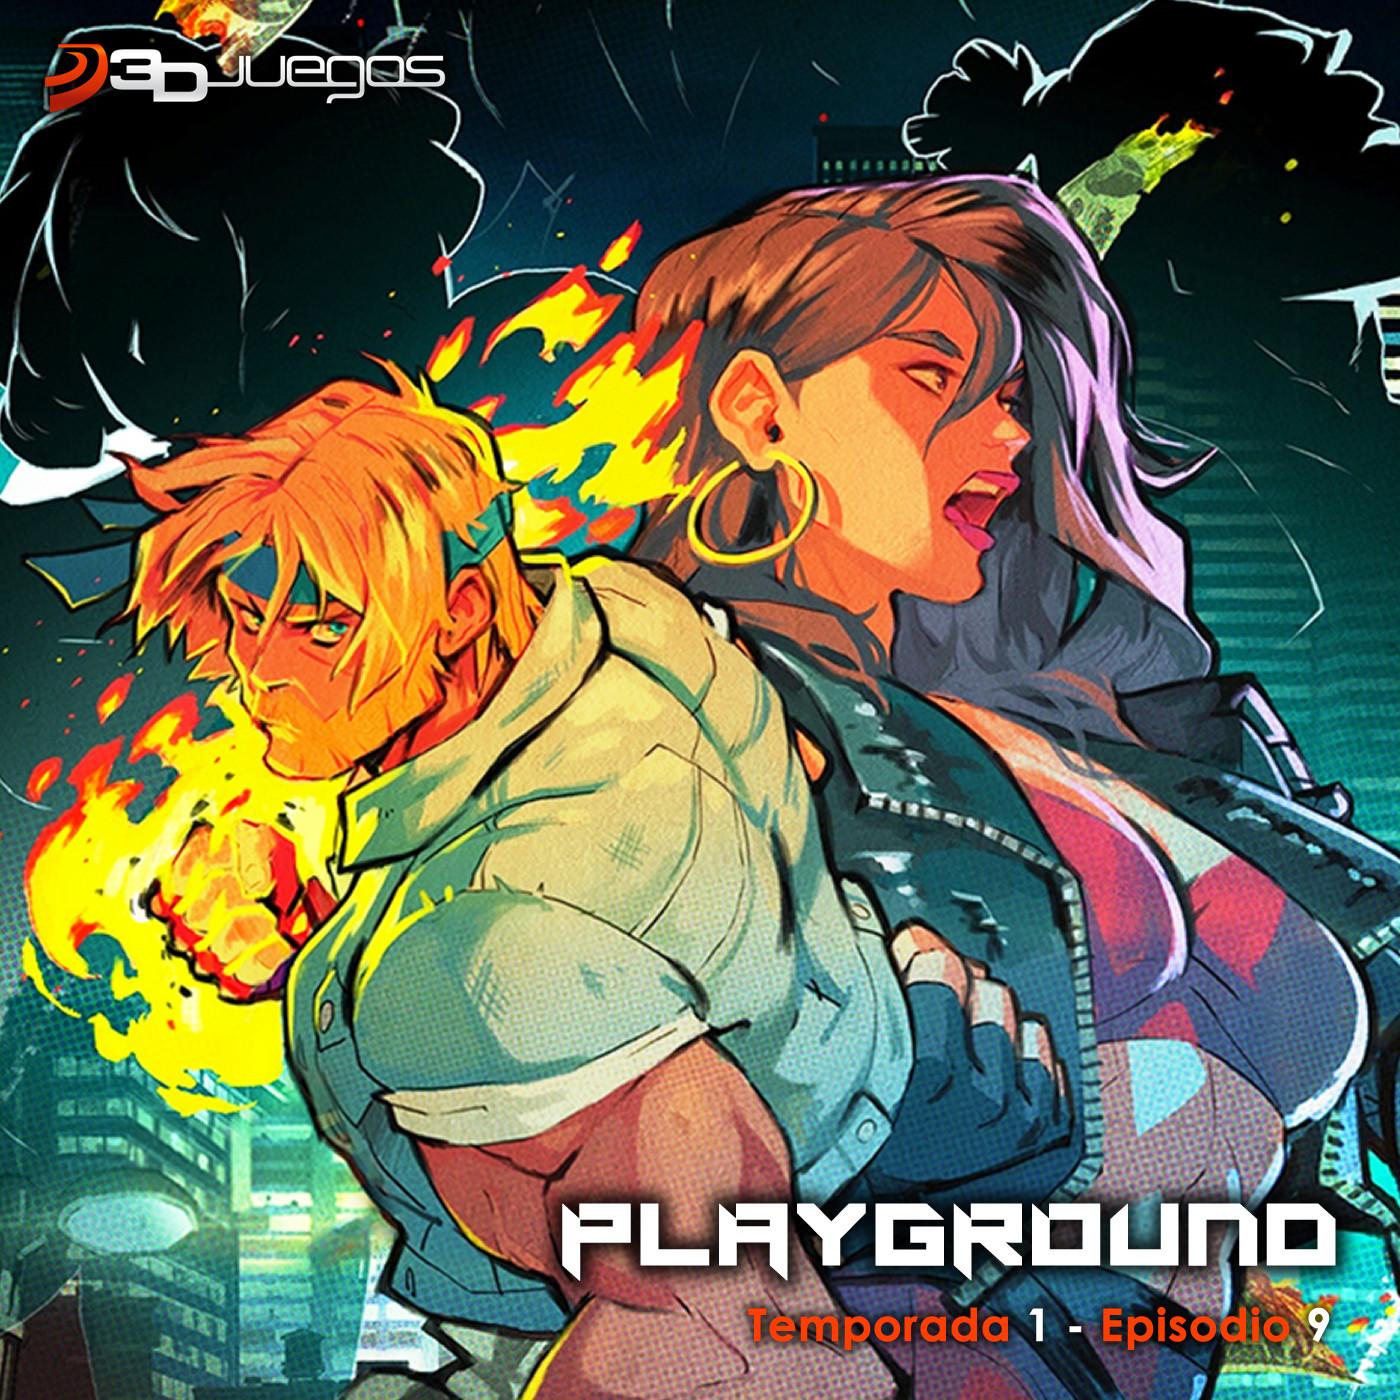 Playground Episodio 09 - Streets of Rage y el Día de las Madres